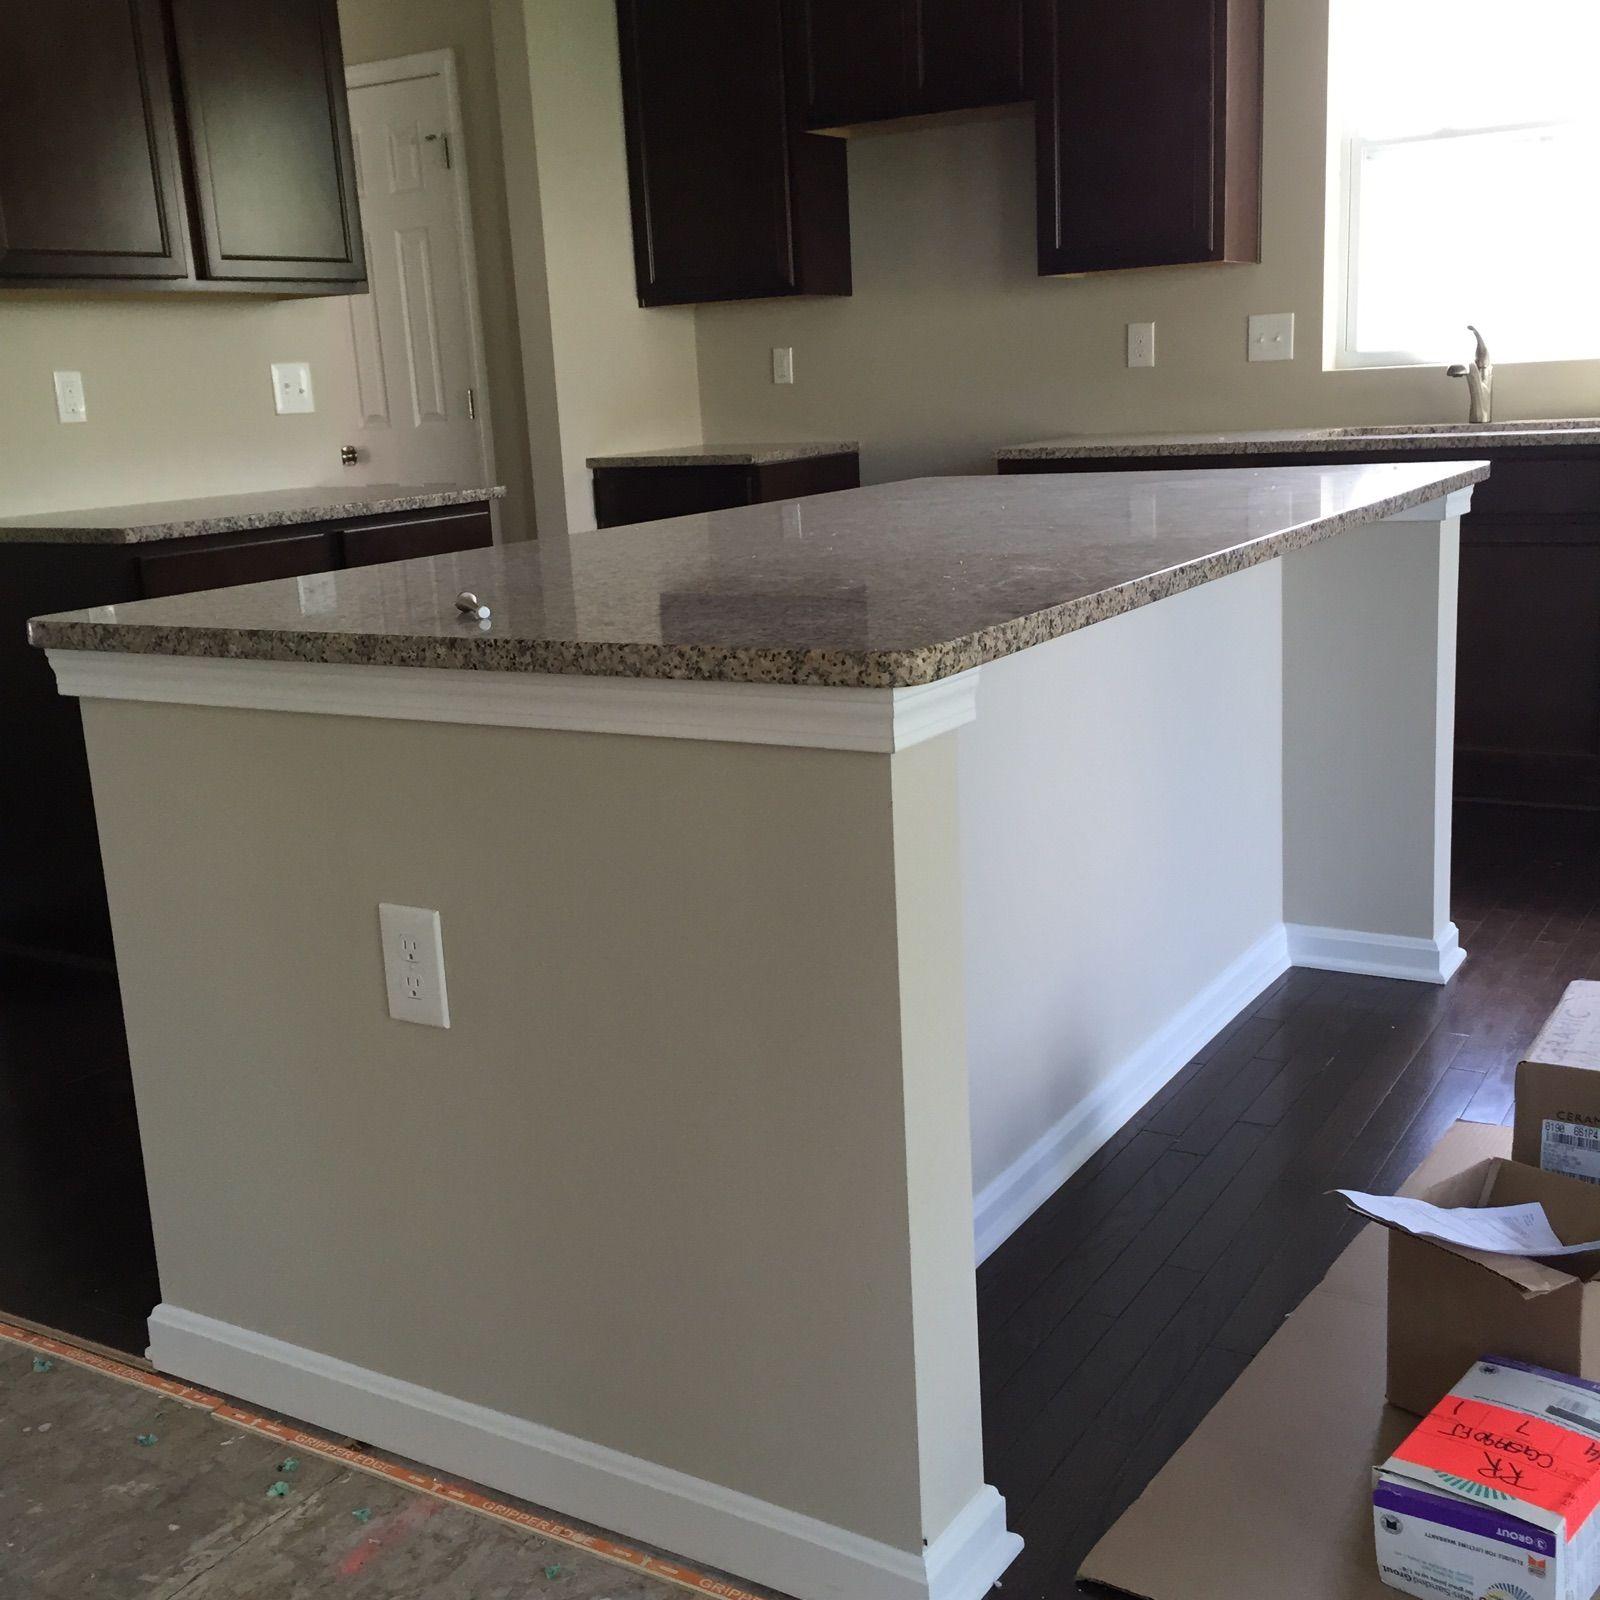 Drywall Wrap Island In A Standard Kitchen Kitchen Island Cabinets Woodworking Plans Kitchen Kitchen Island